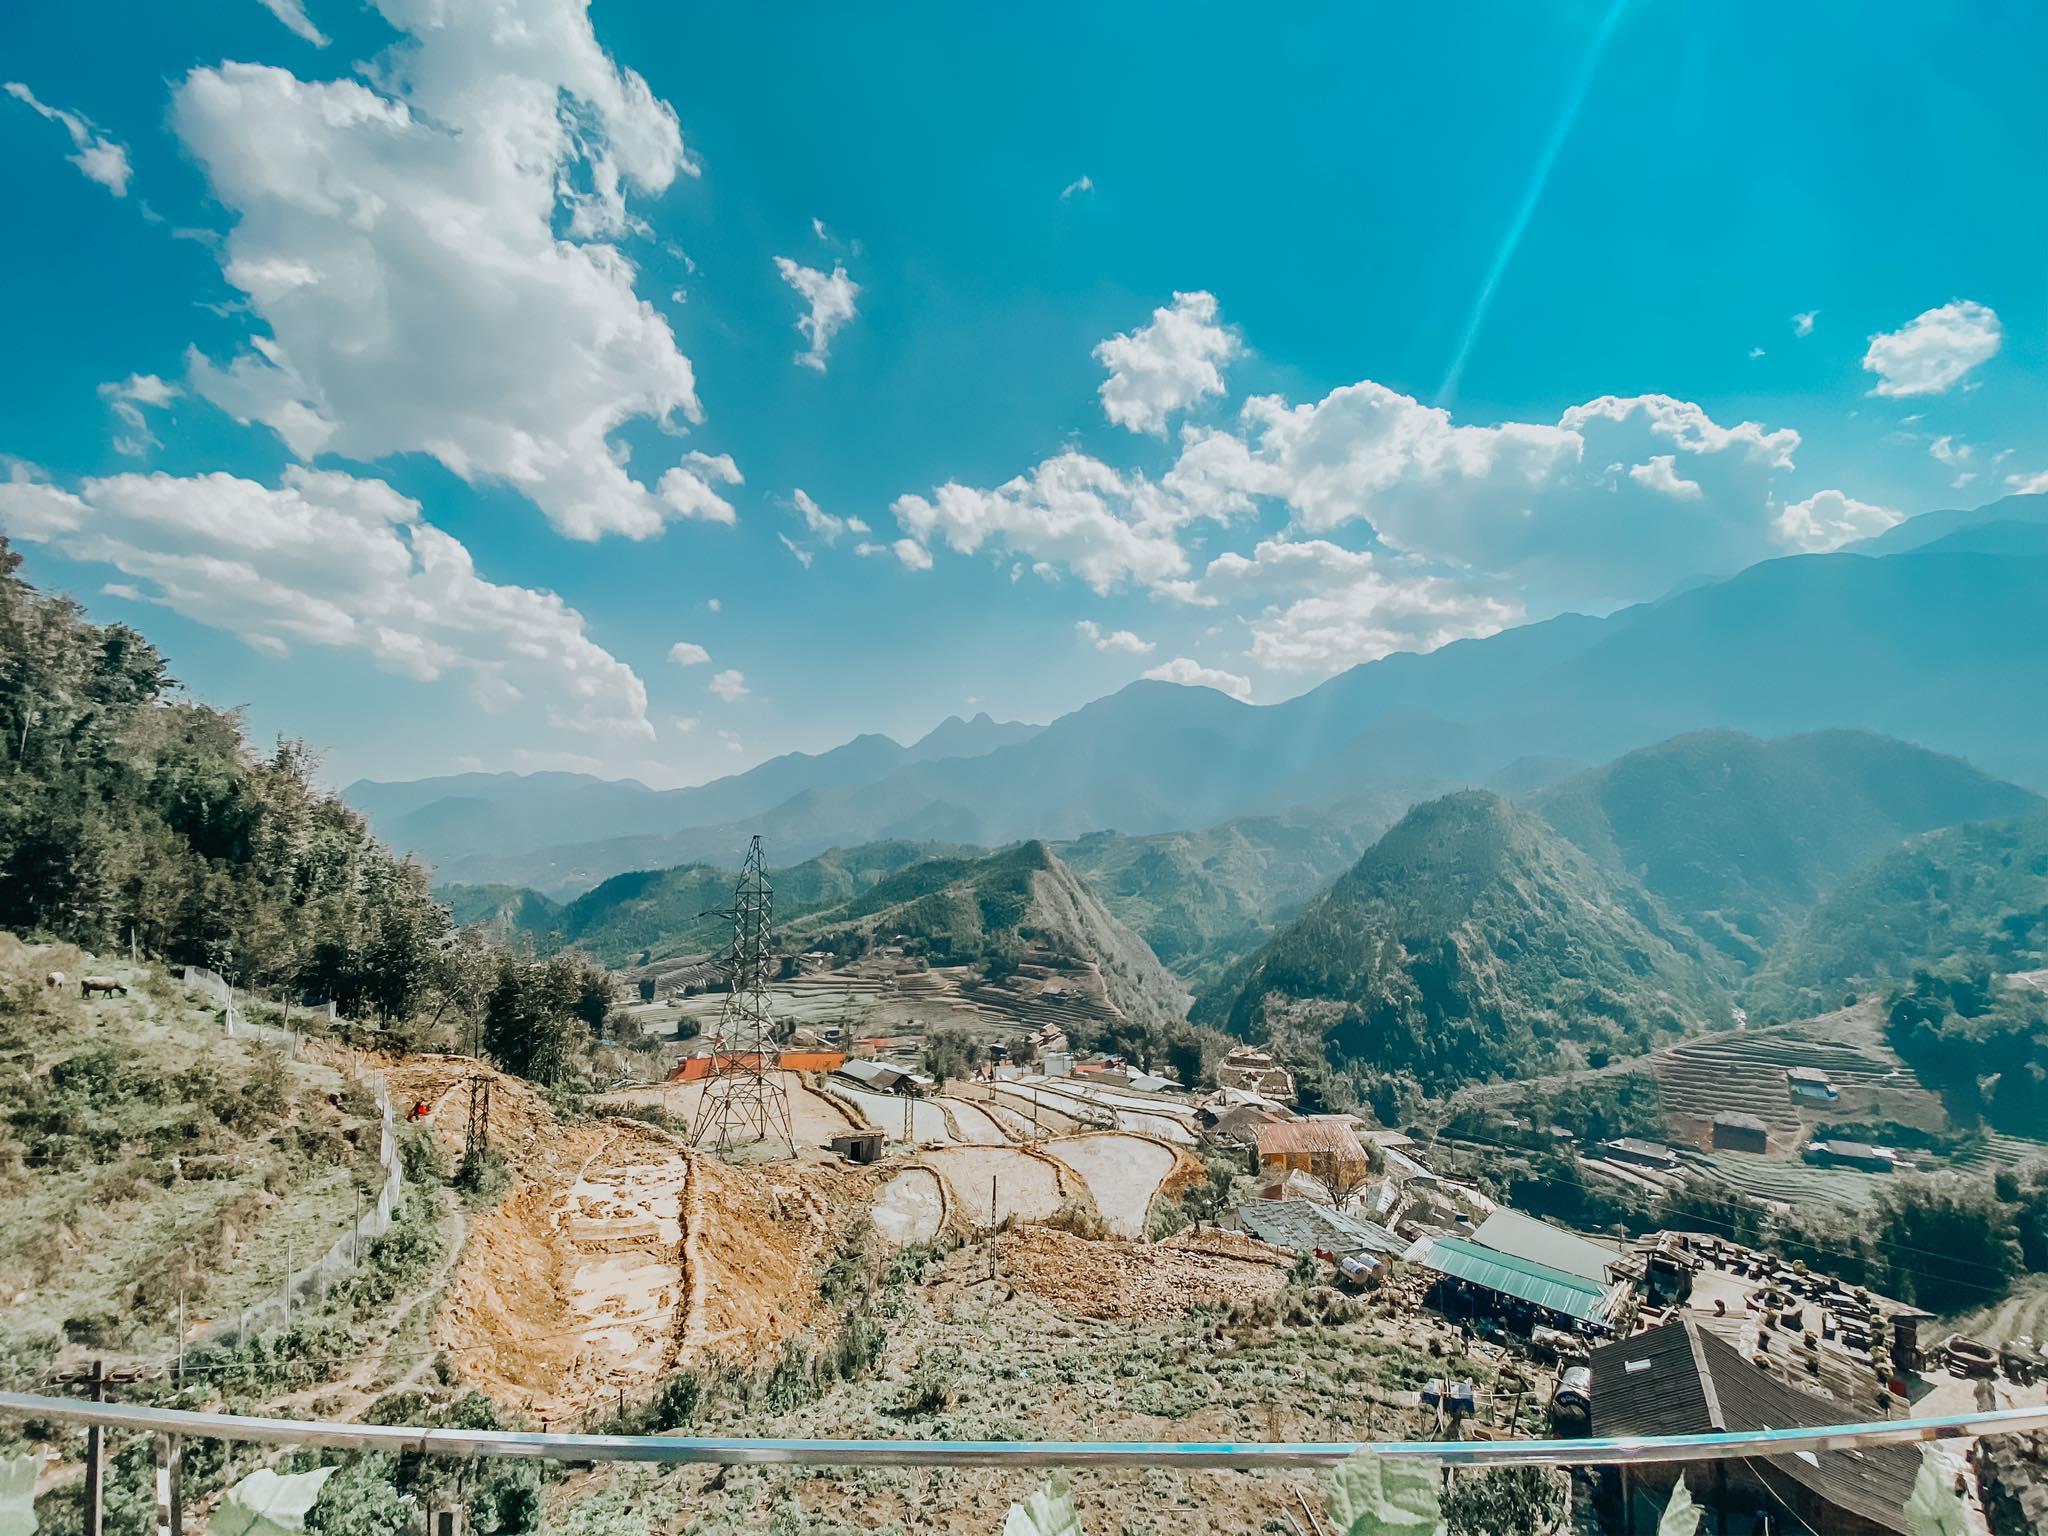 Tour du lịch Sapa từ Bình Dương: Dạo bước thị trấn miền cao cùng vô vàn gói tour hấp dẫn       - Ảnh 14.